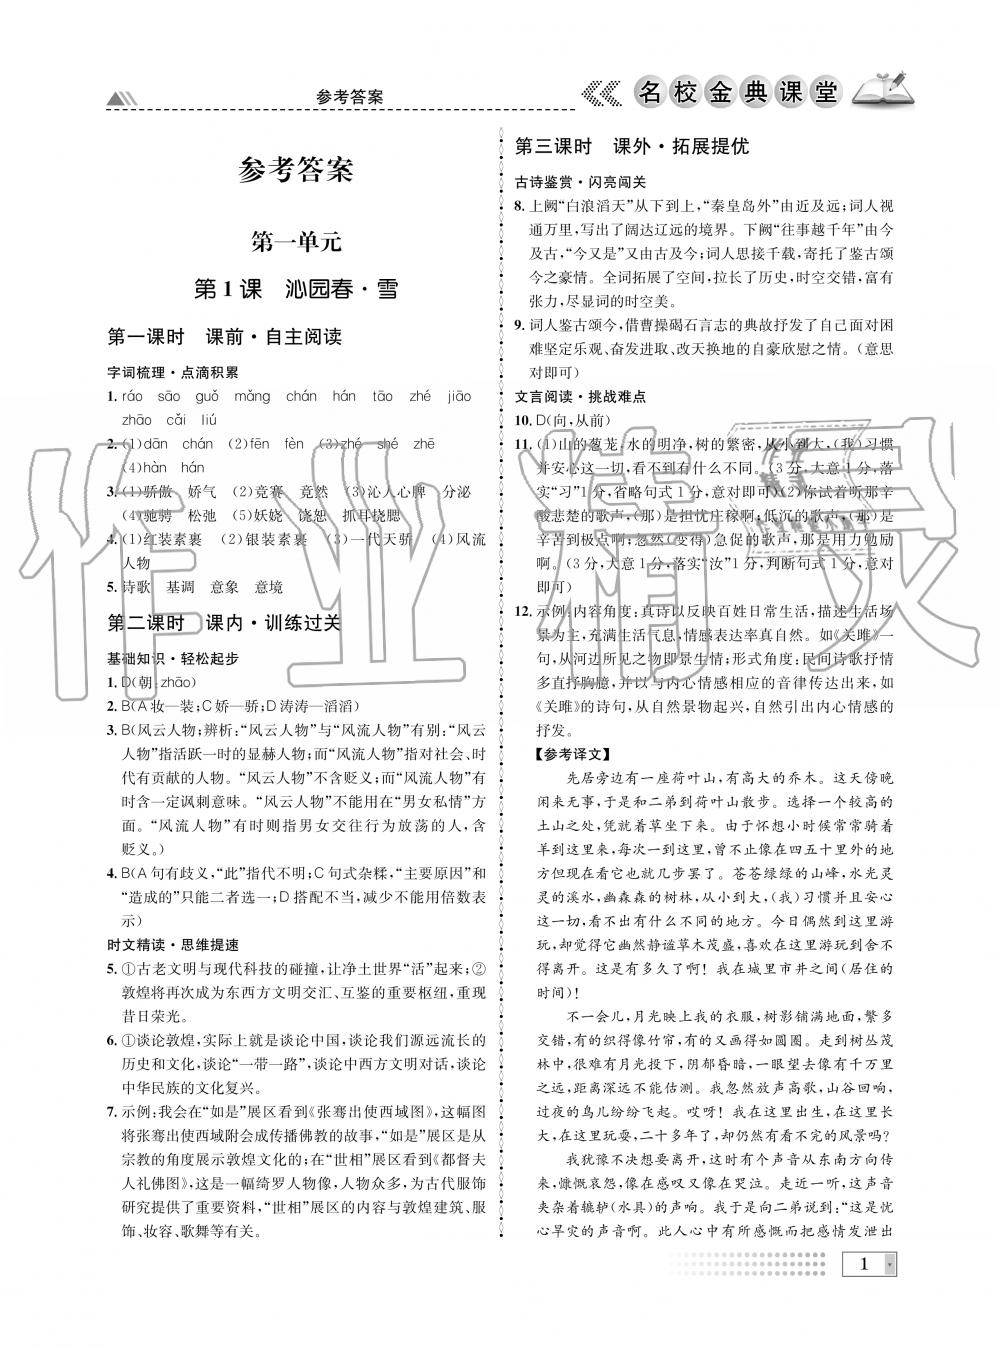 2019年名校金典課堂九年級語文全一冊人教版成都專版第1頁